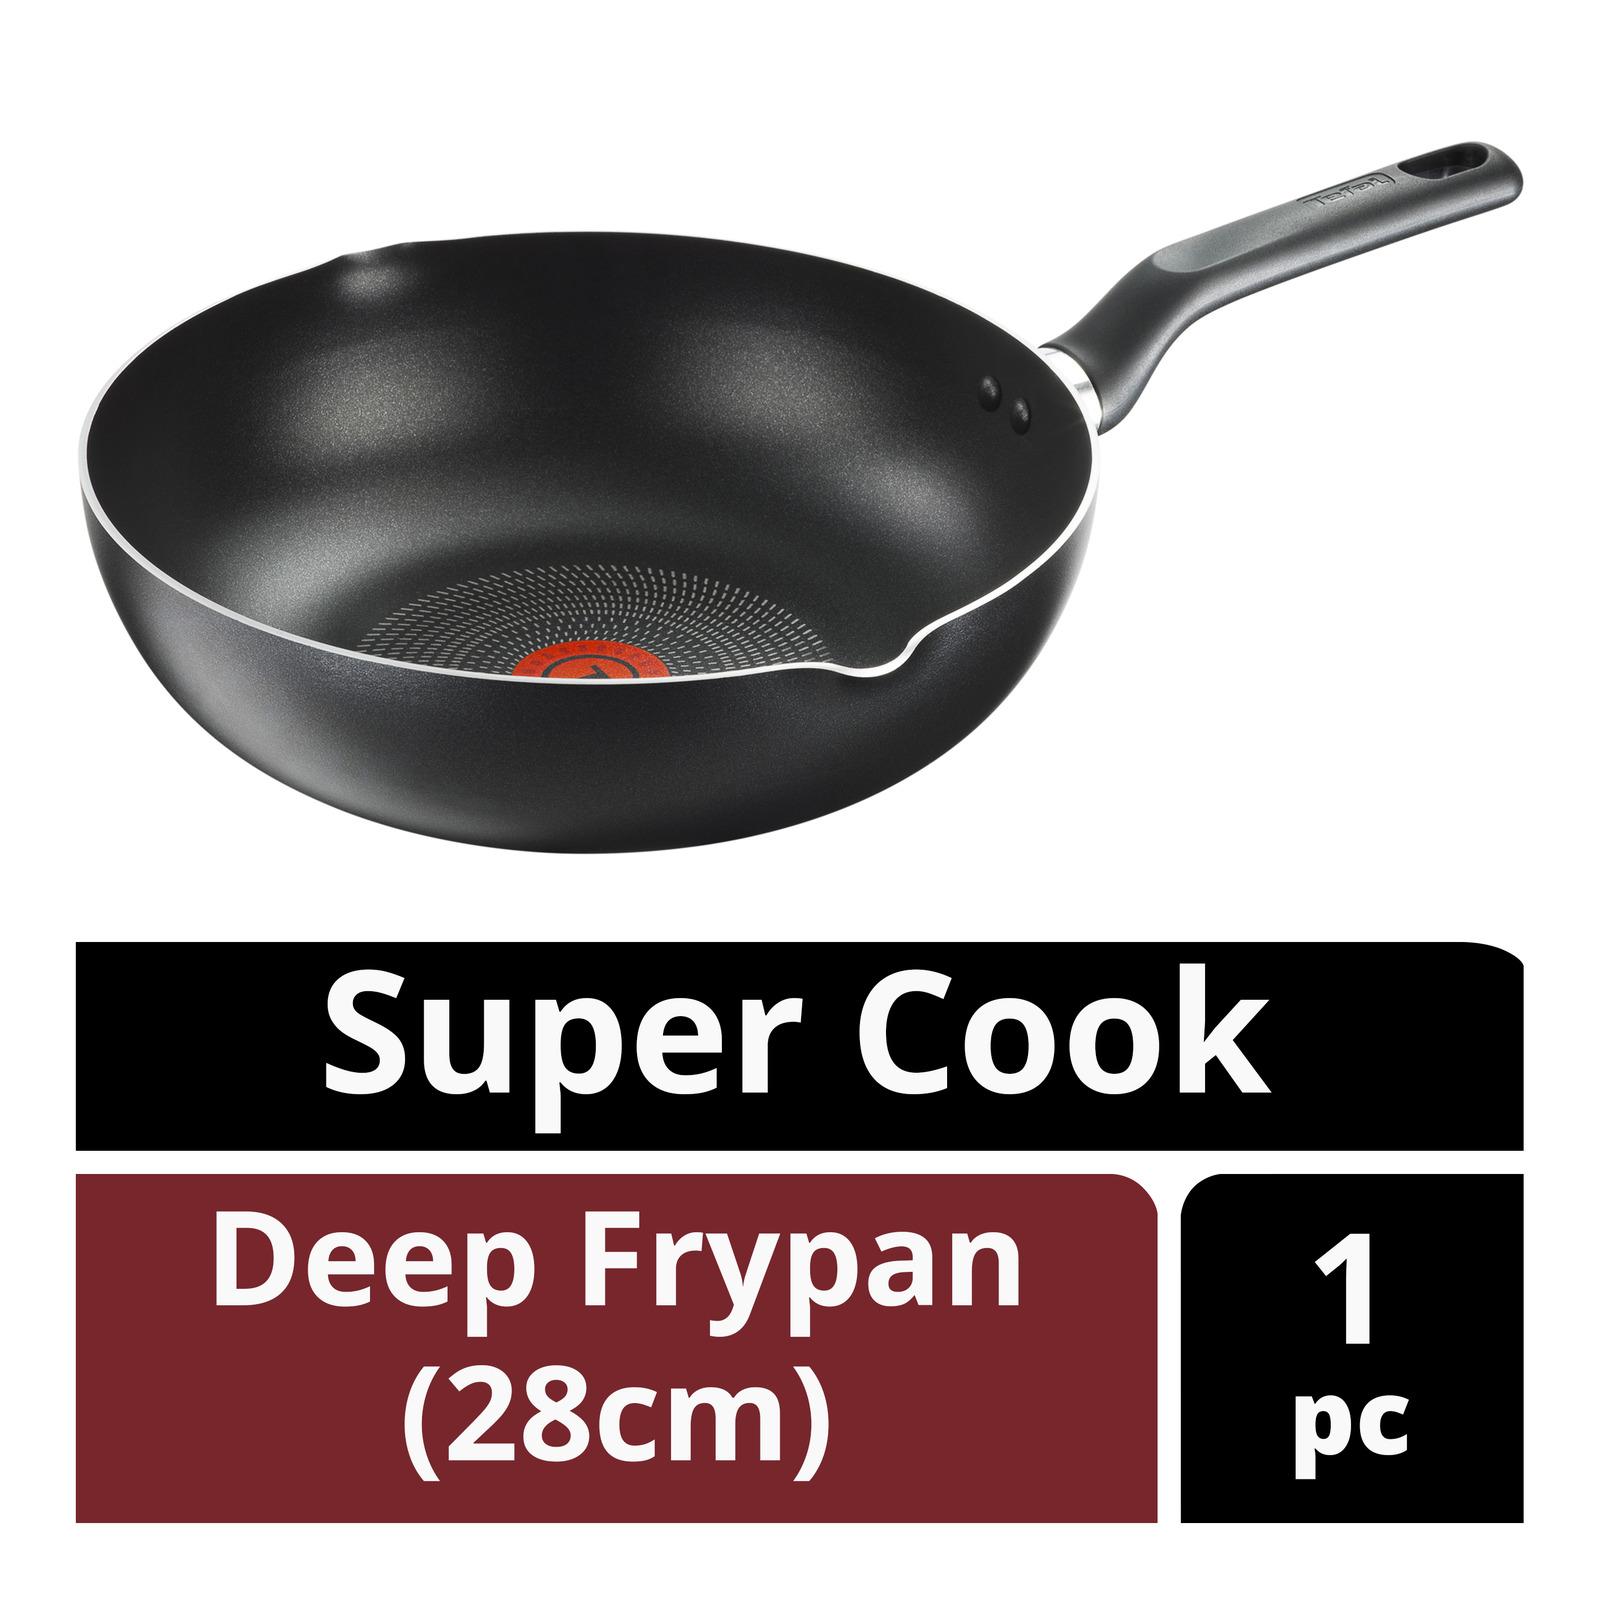 Tefal Super Cook Deep Frypan - 28cm